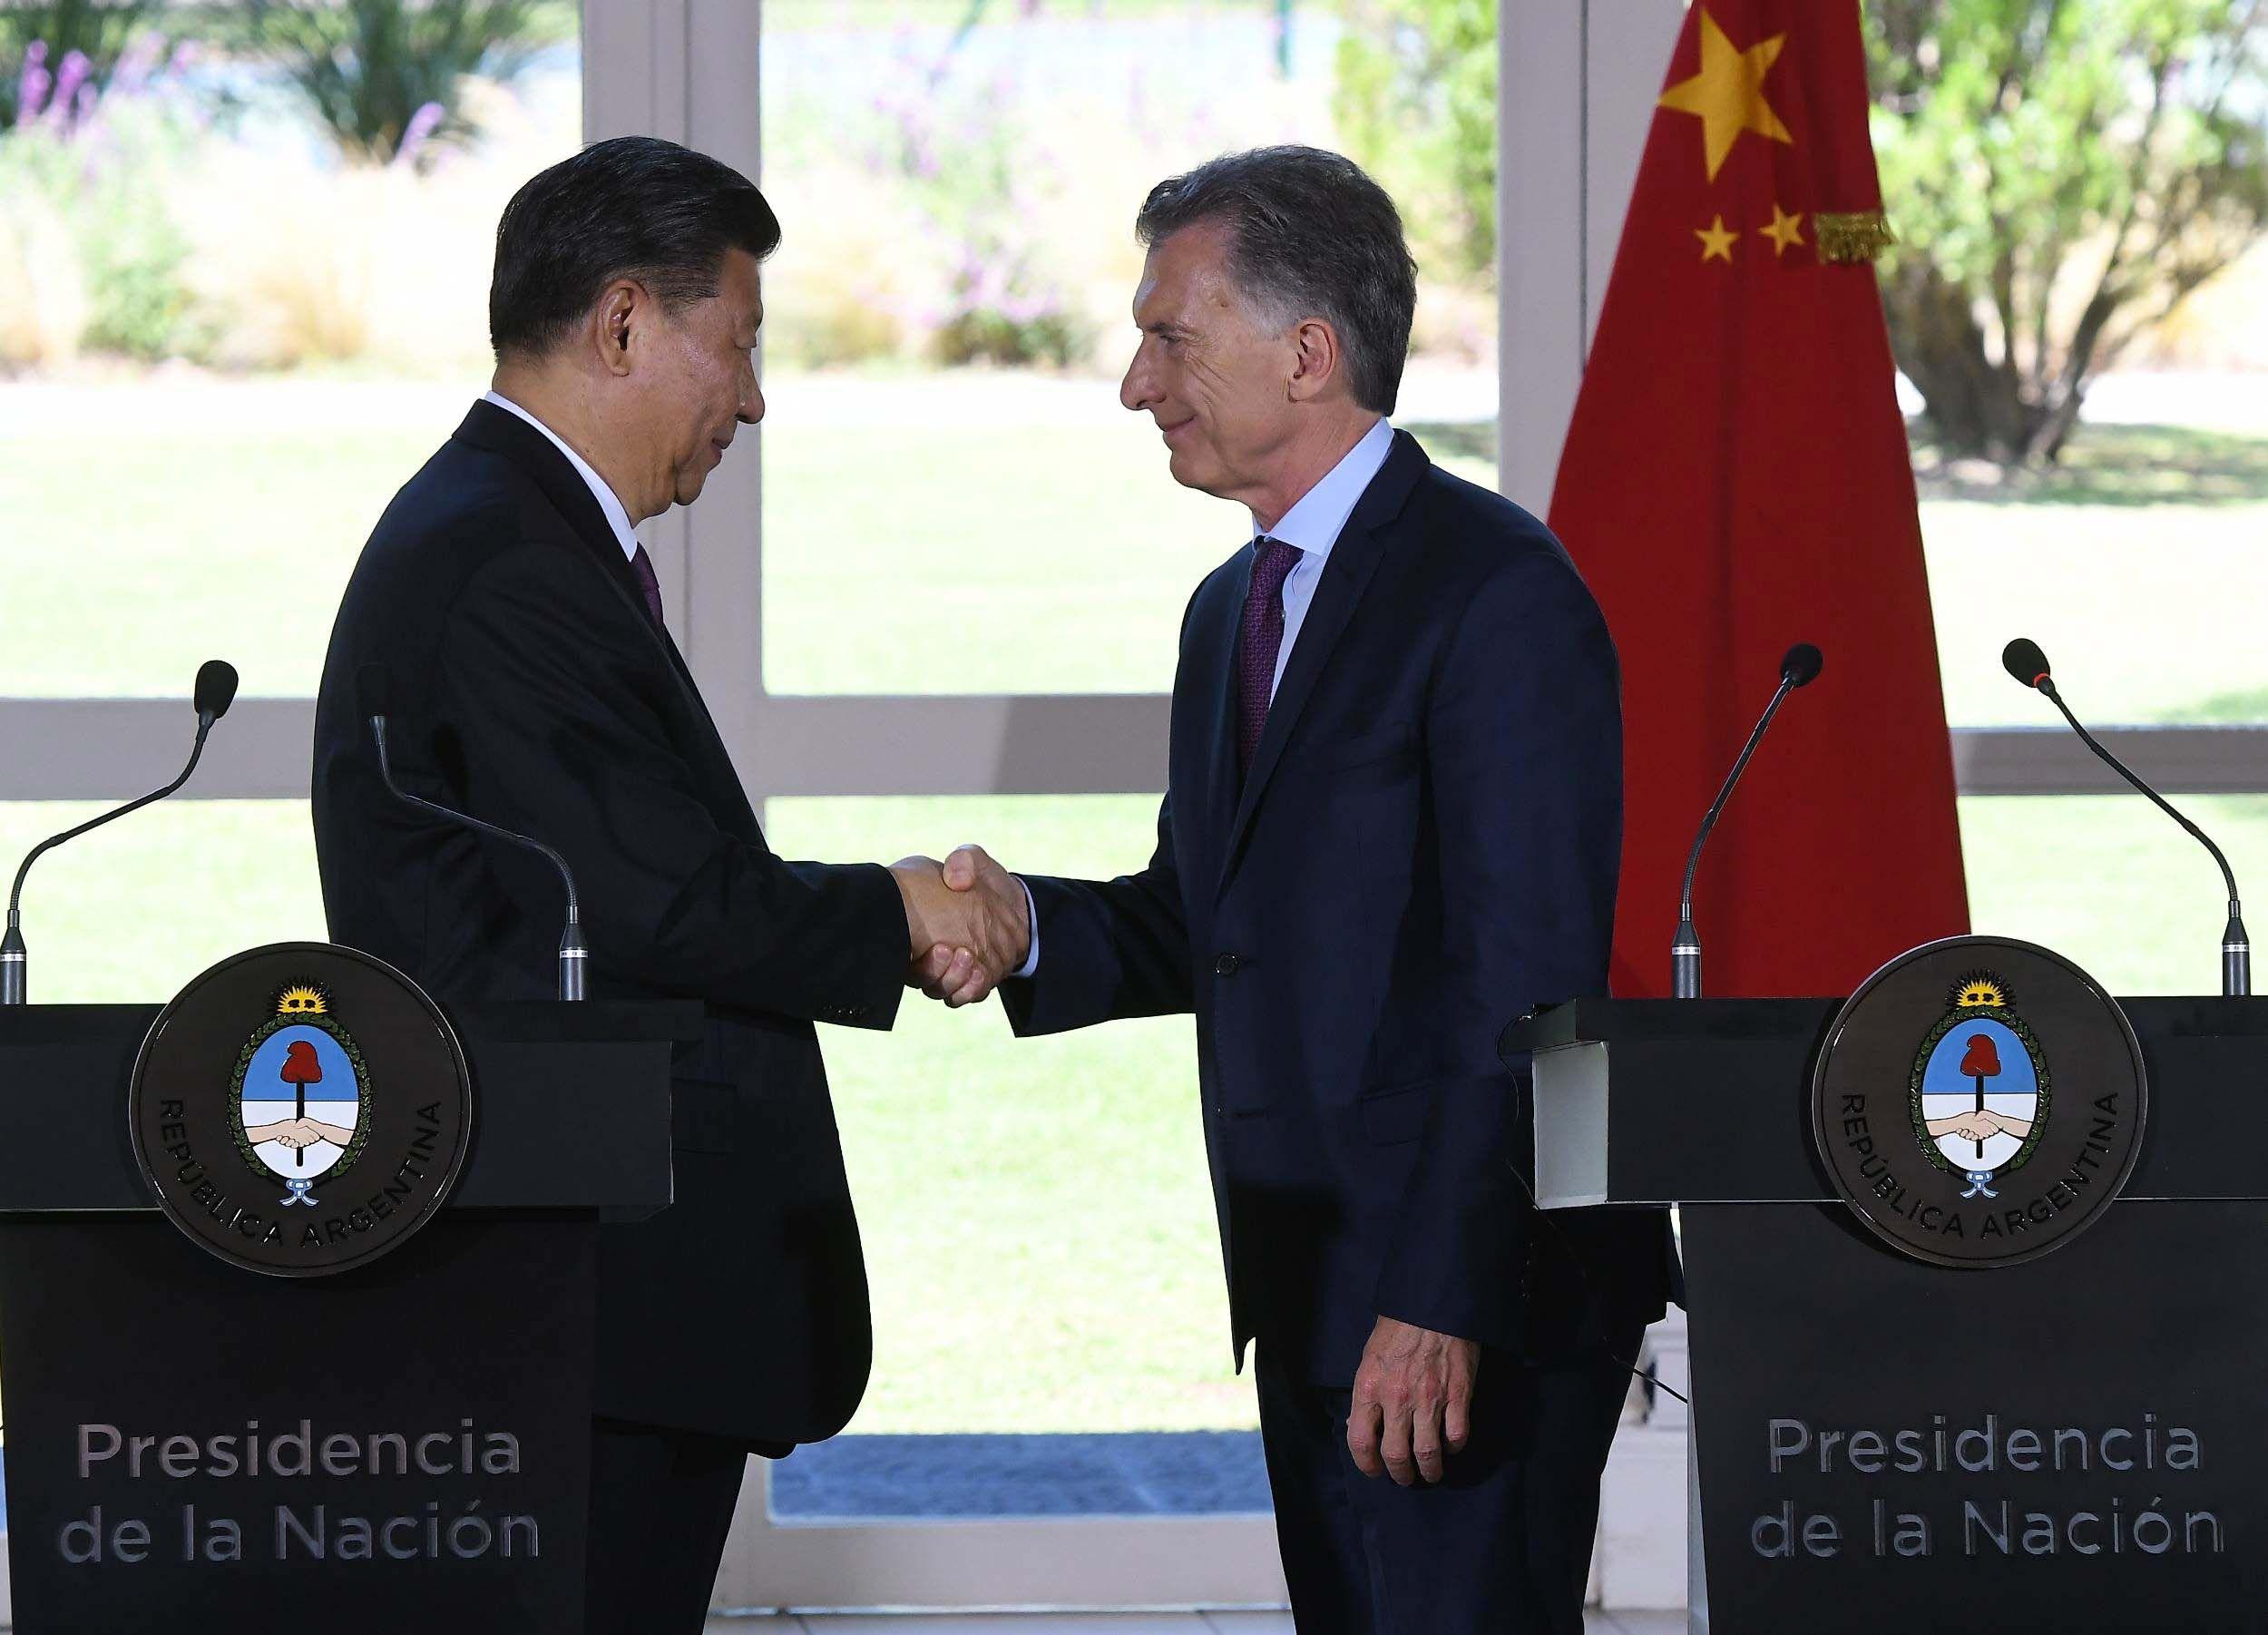 Tras la reunión entre Macri y Xi Jinping, Argentina y China firmaron 30 acuerdos